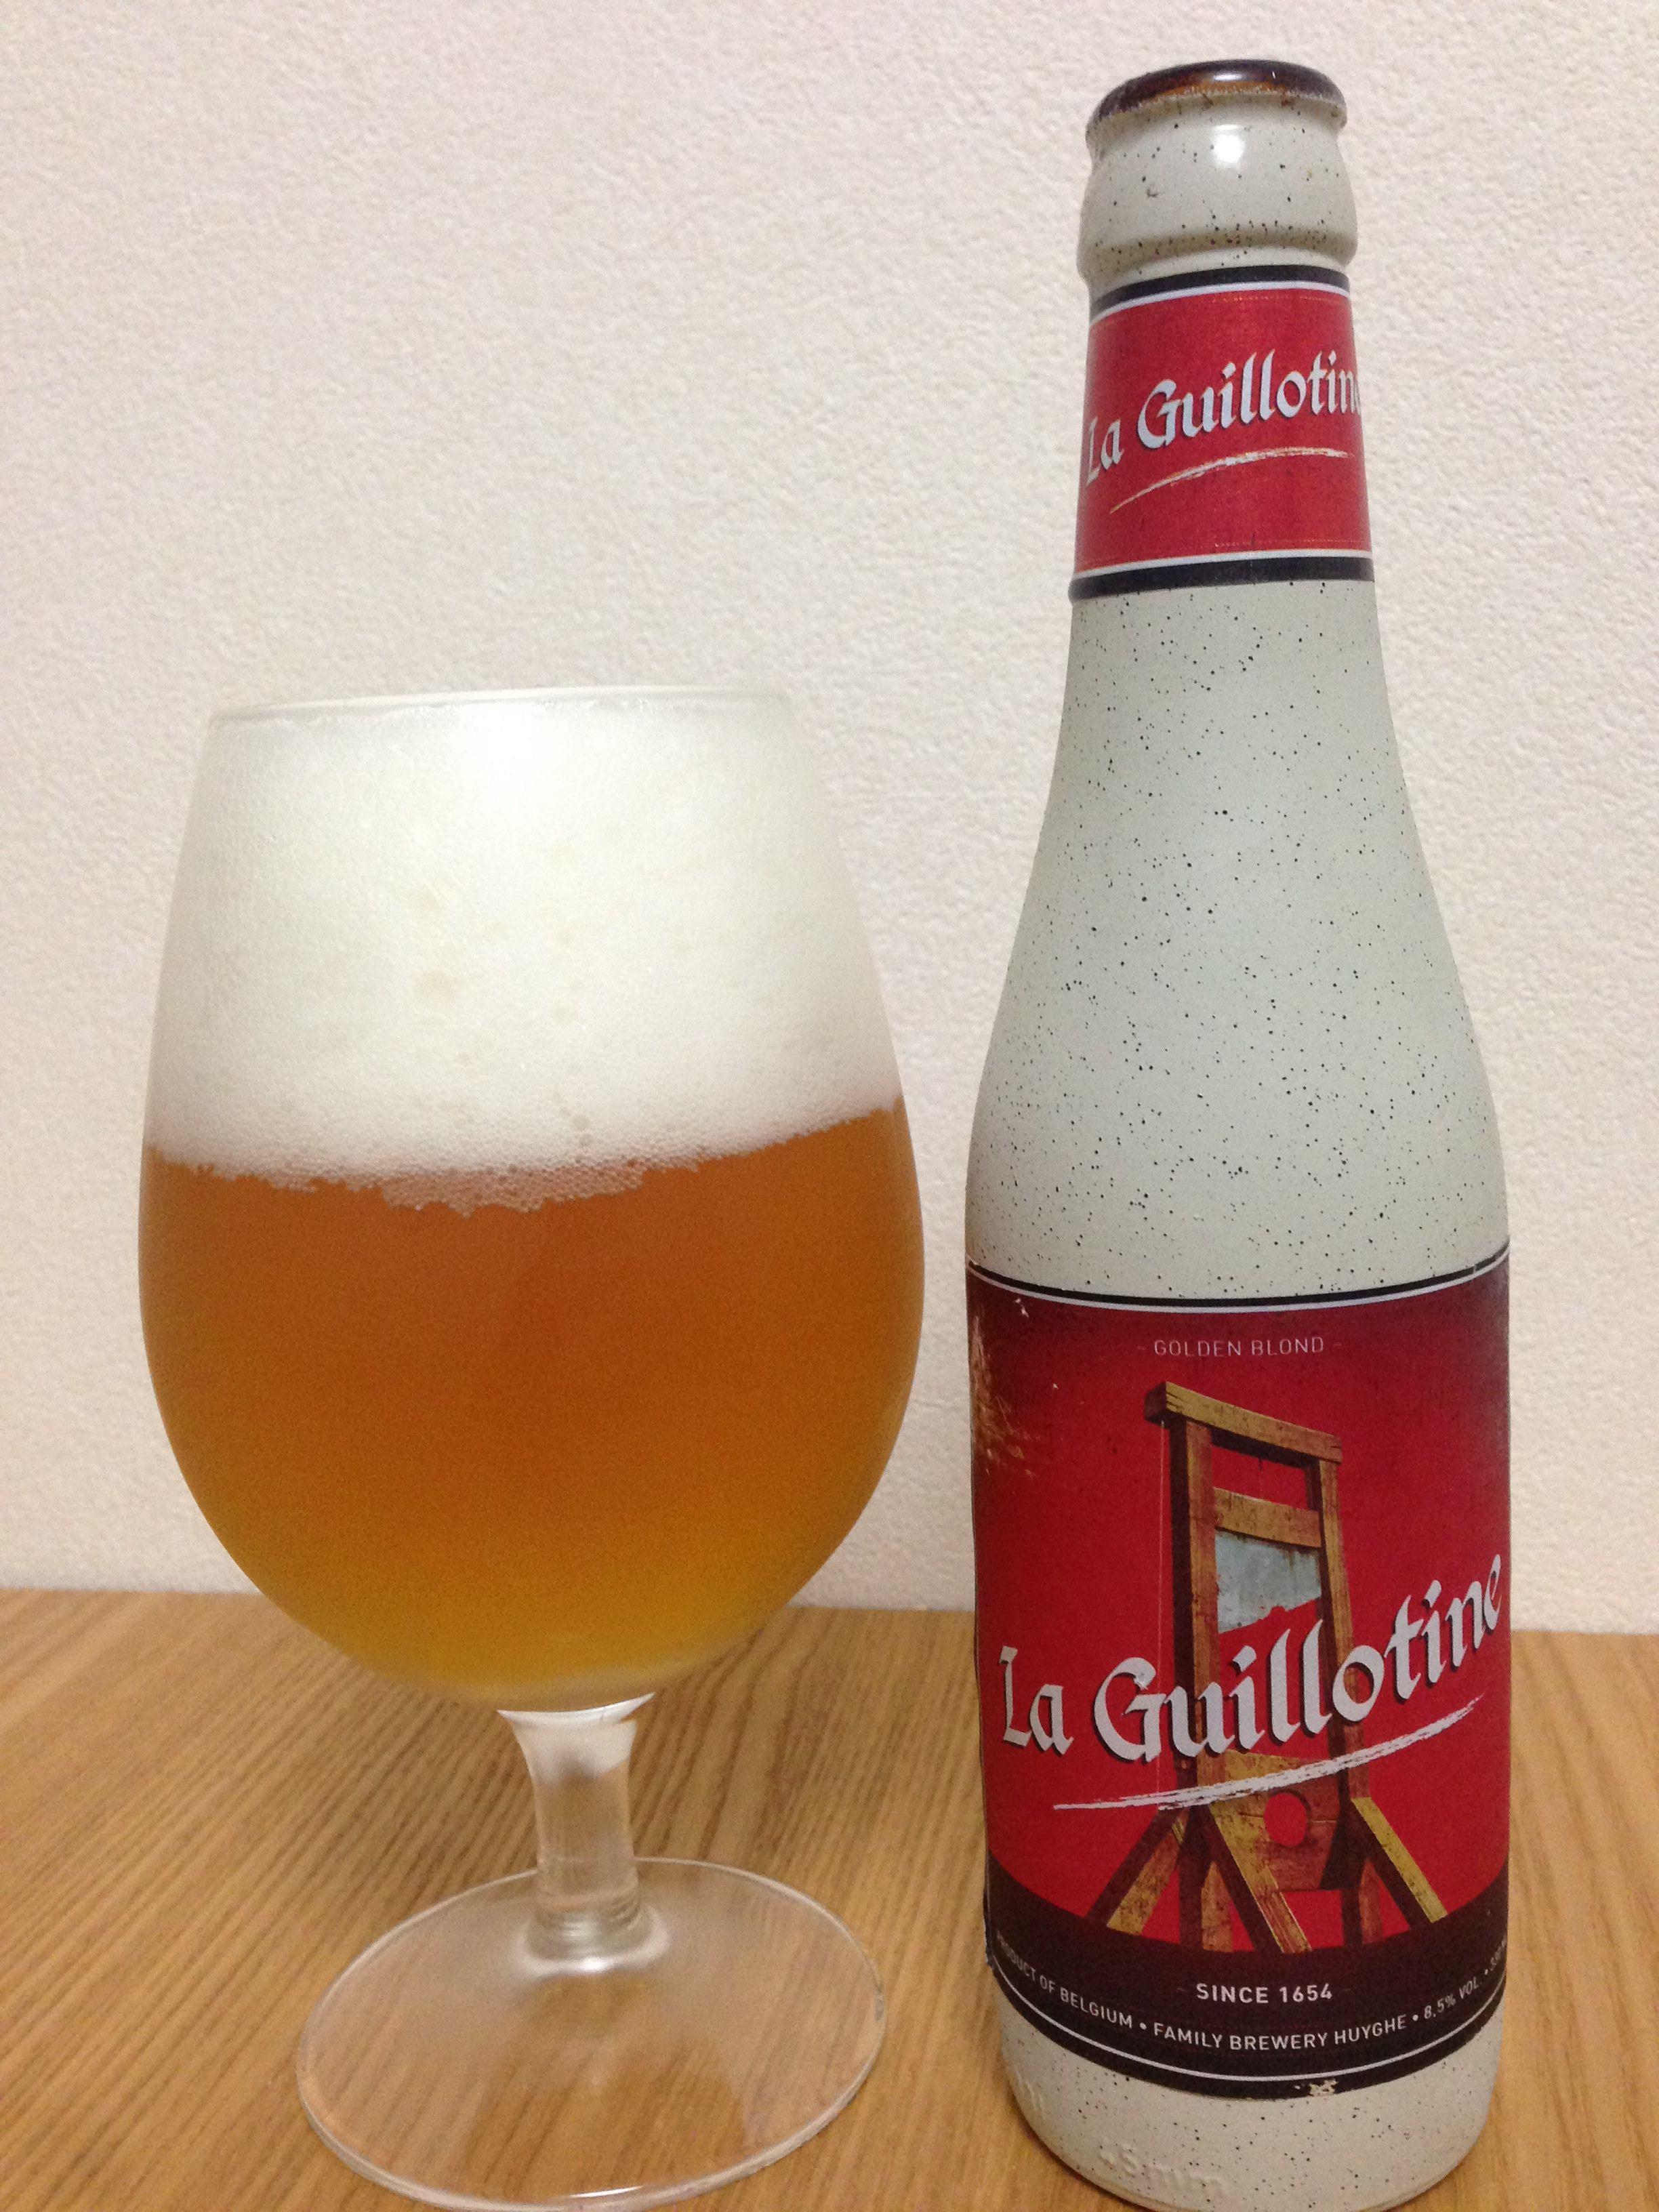 La Guillotine(ギロチン)